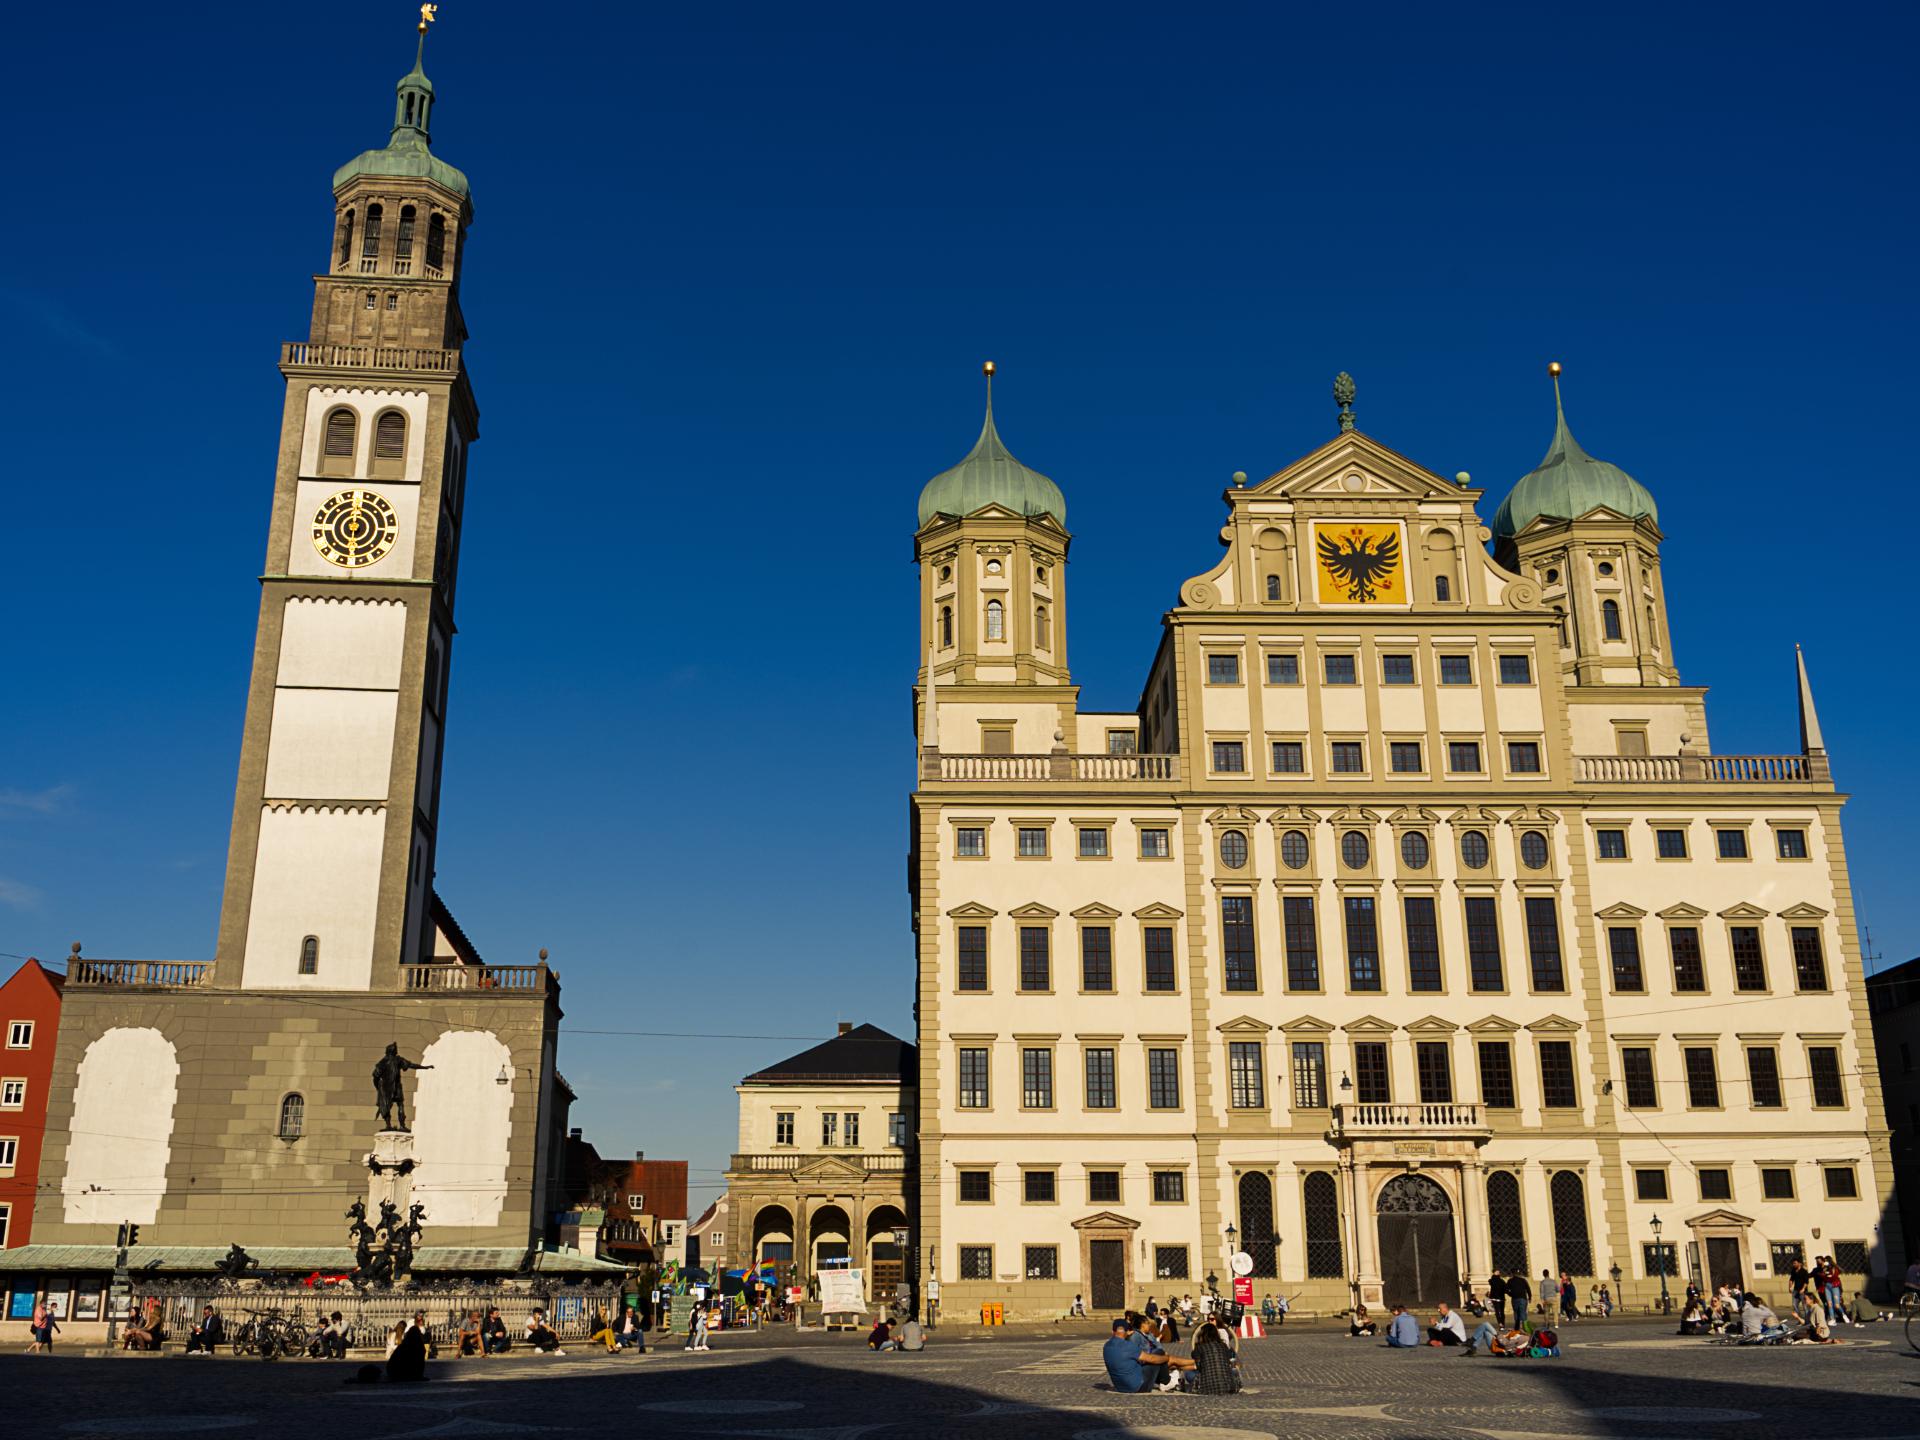 Rathaus_Perlach